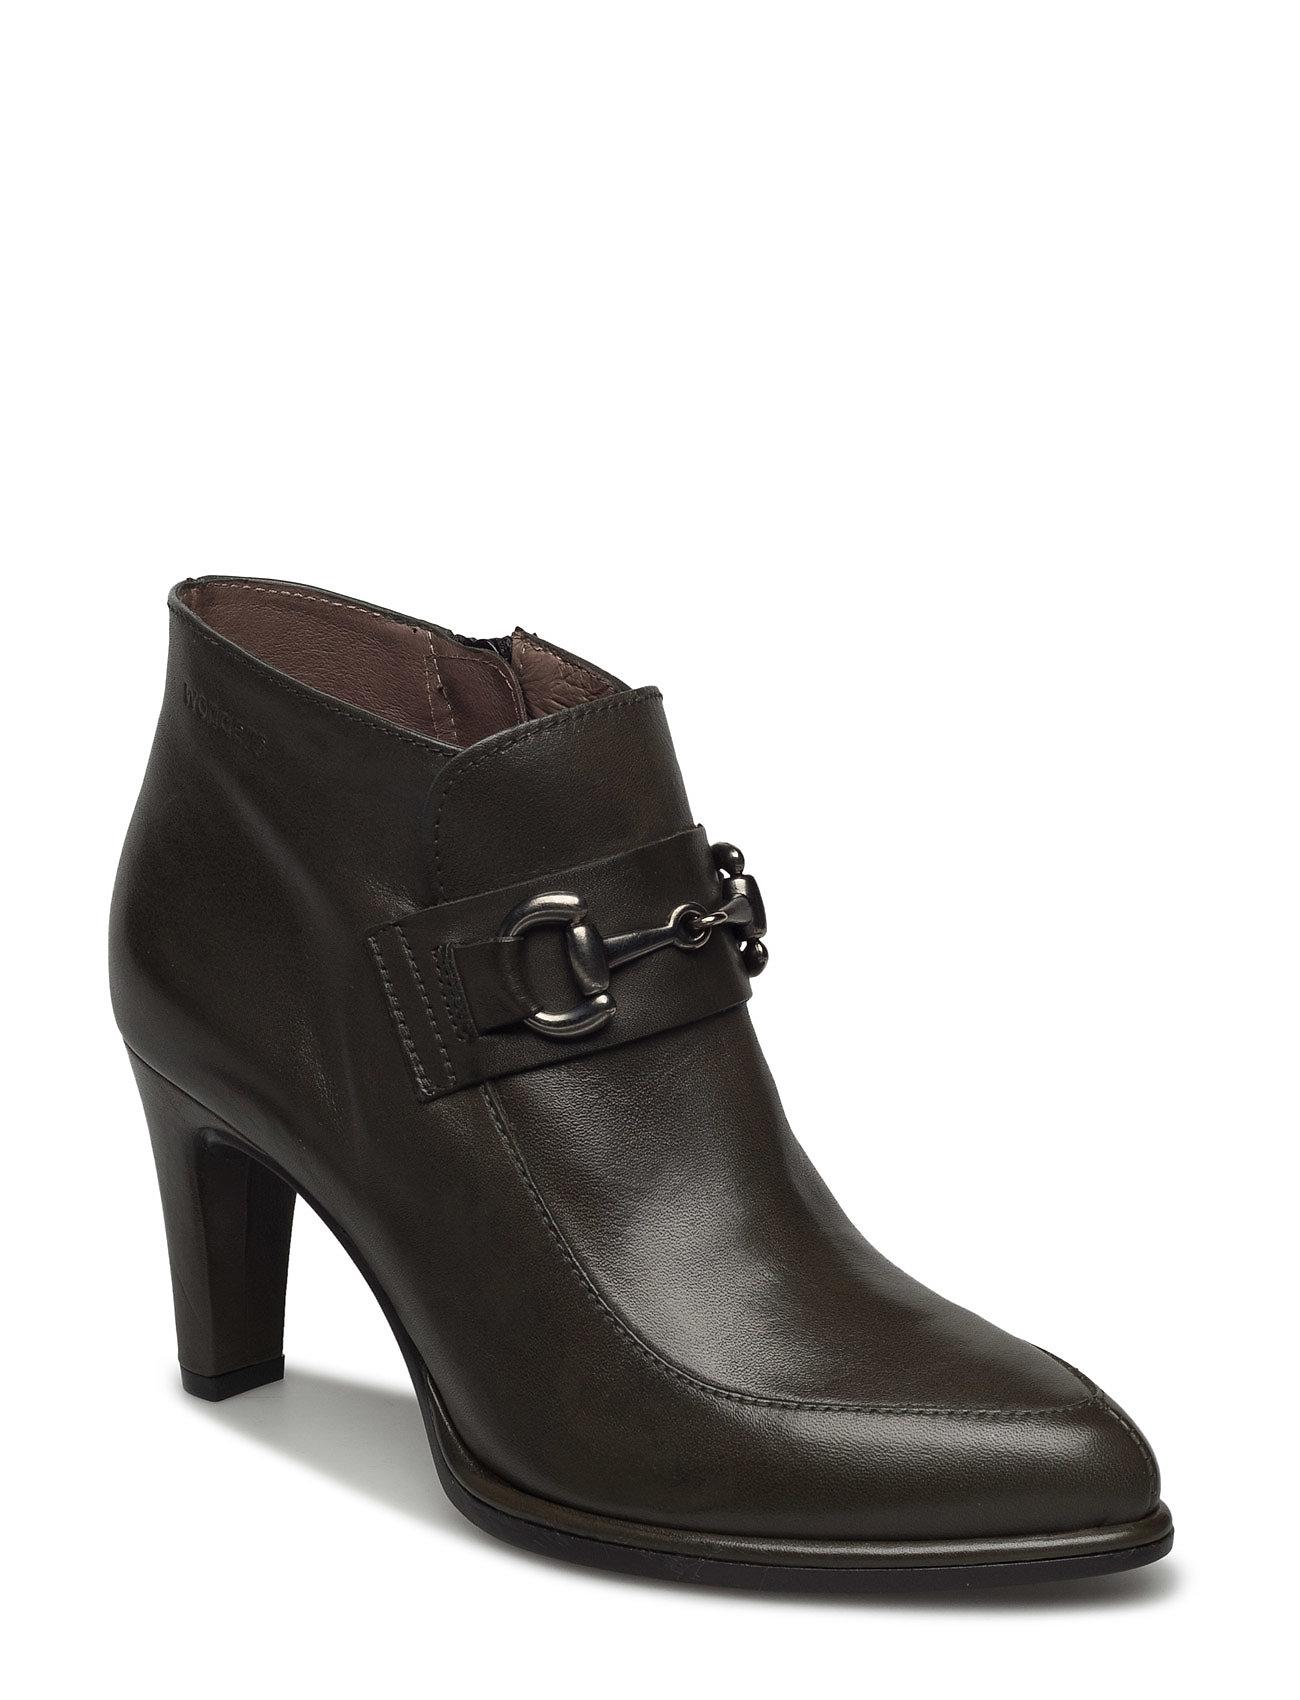 M-2610 Wonders Støvler til Damer i